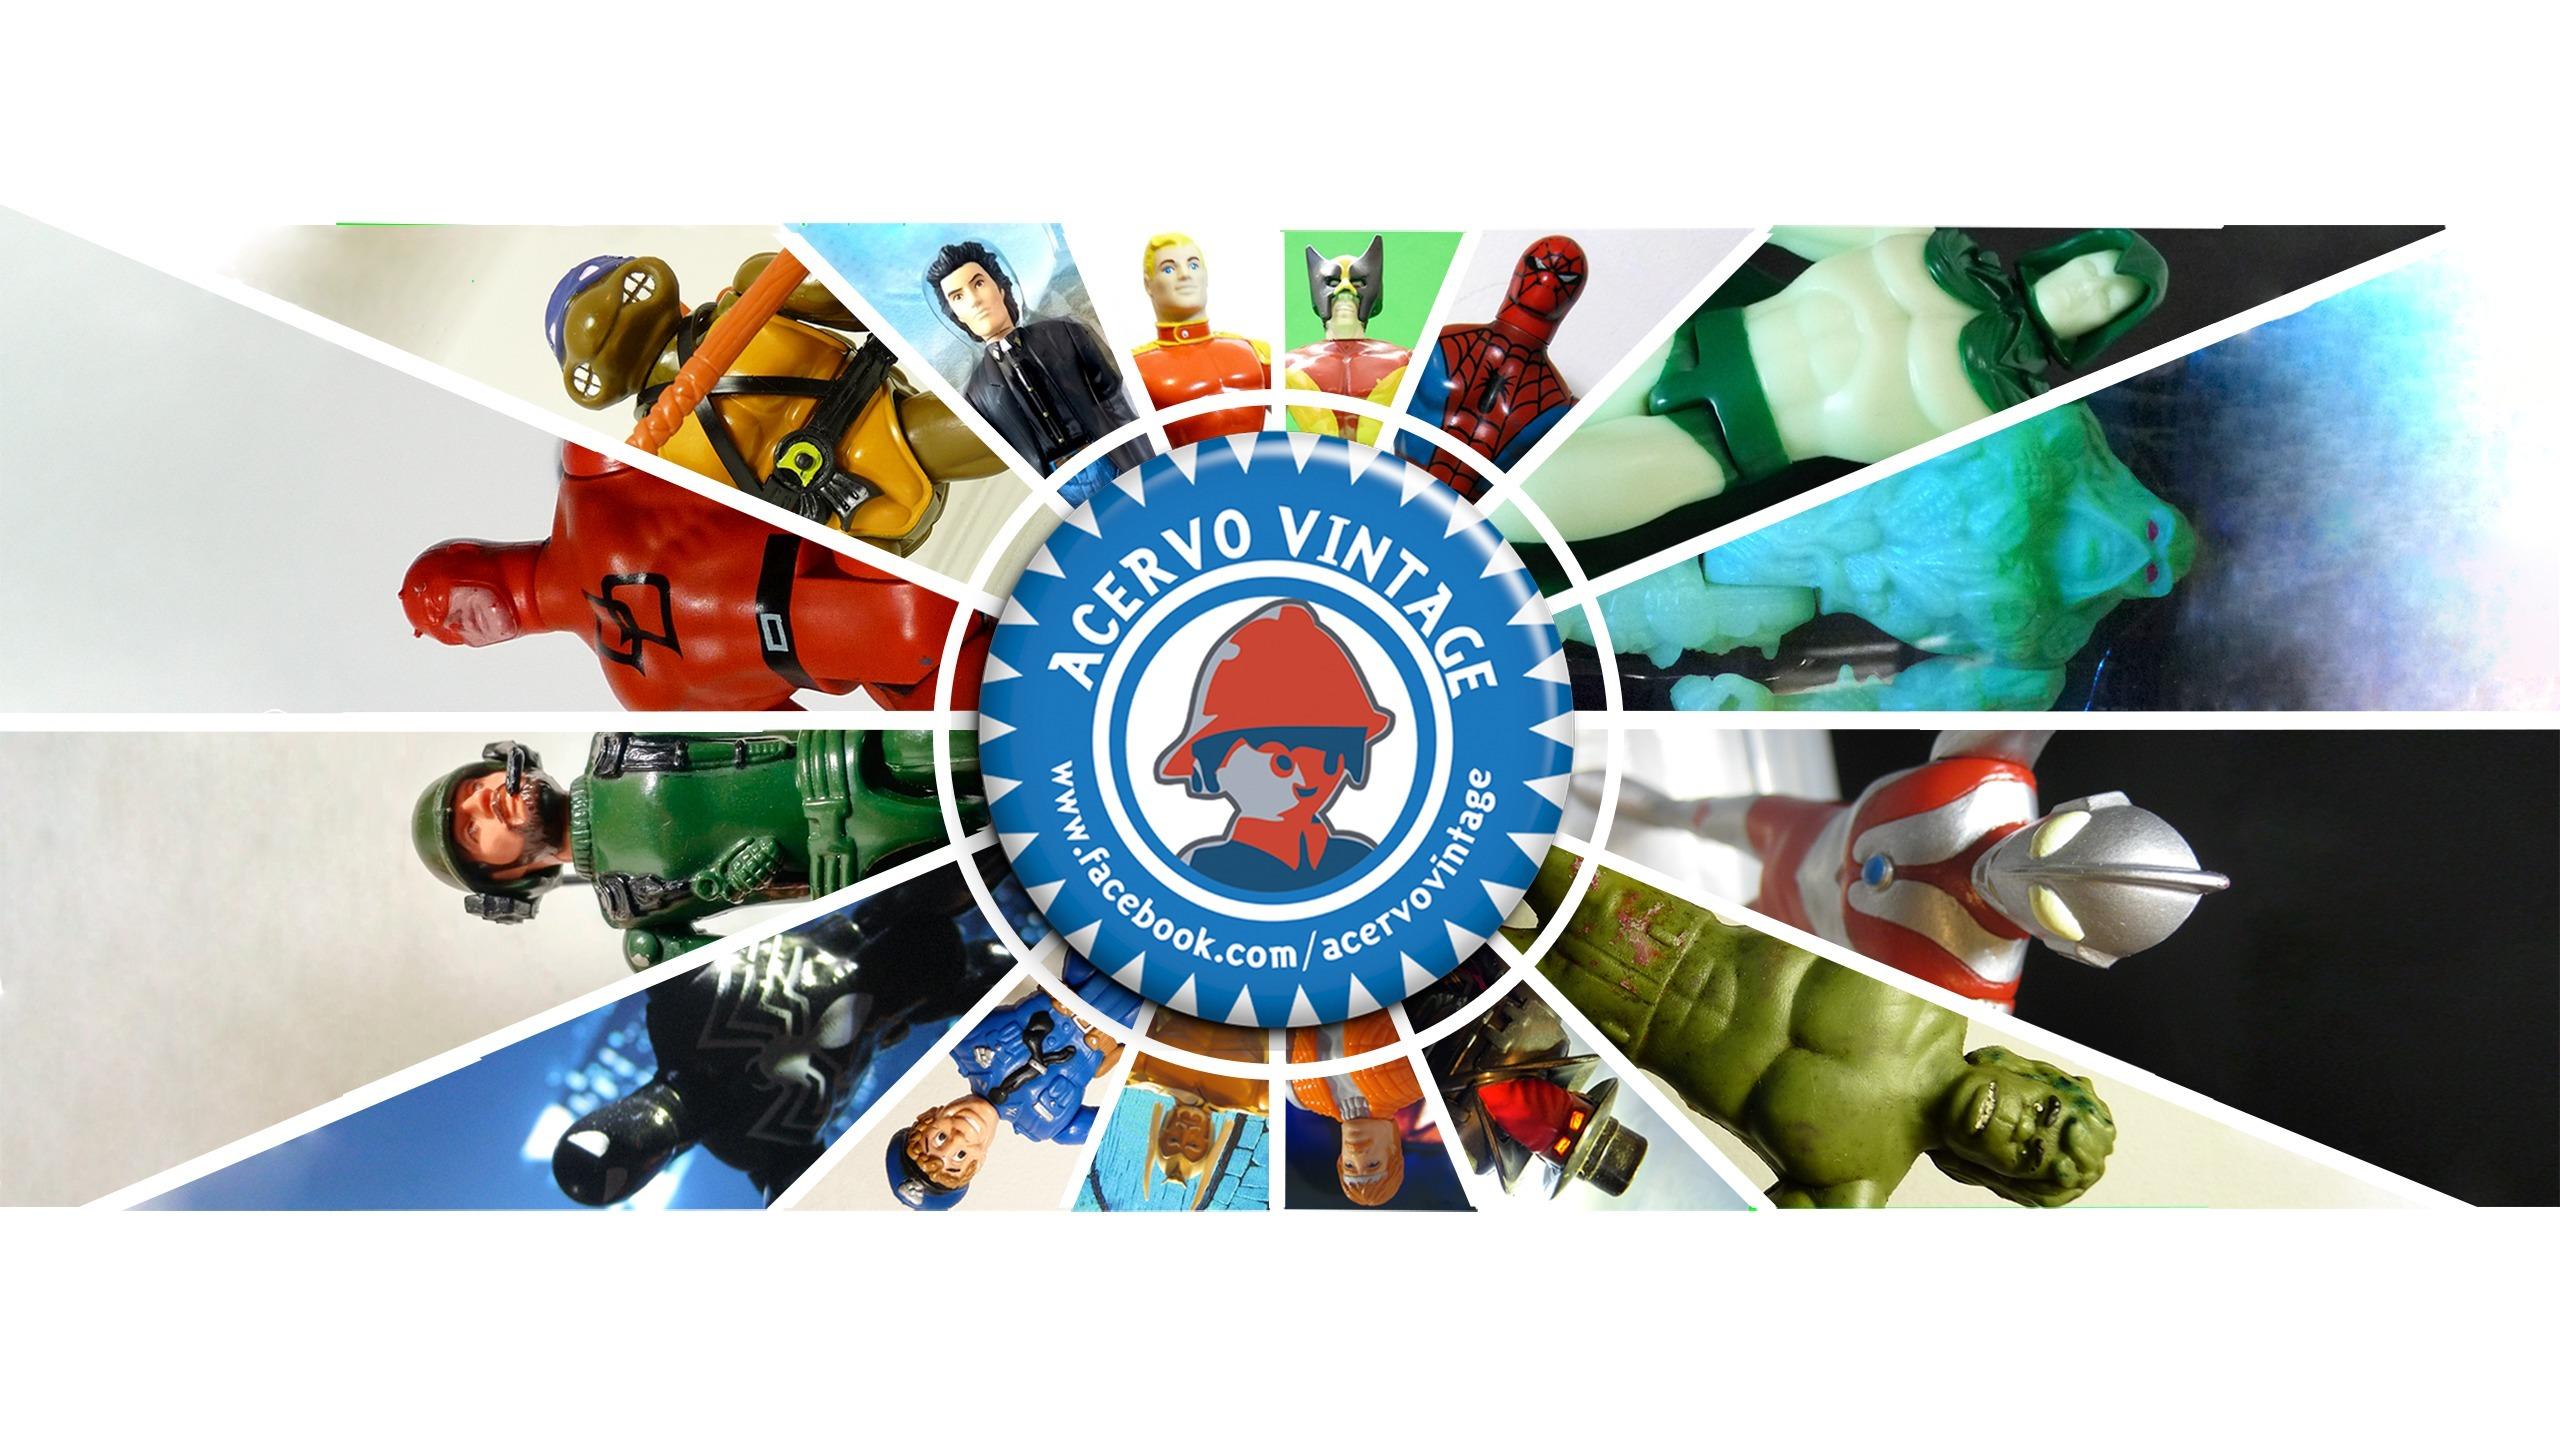 Dan | Acervo Vintage: Brinquedos / Vintage Toys (@acervovintage) Cover Image